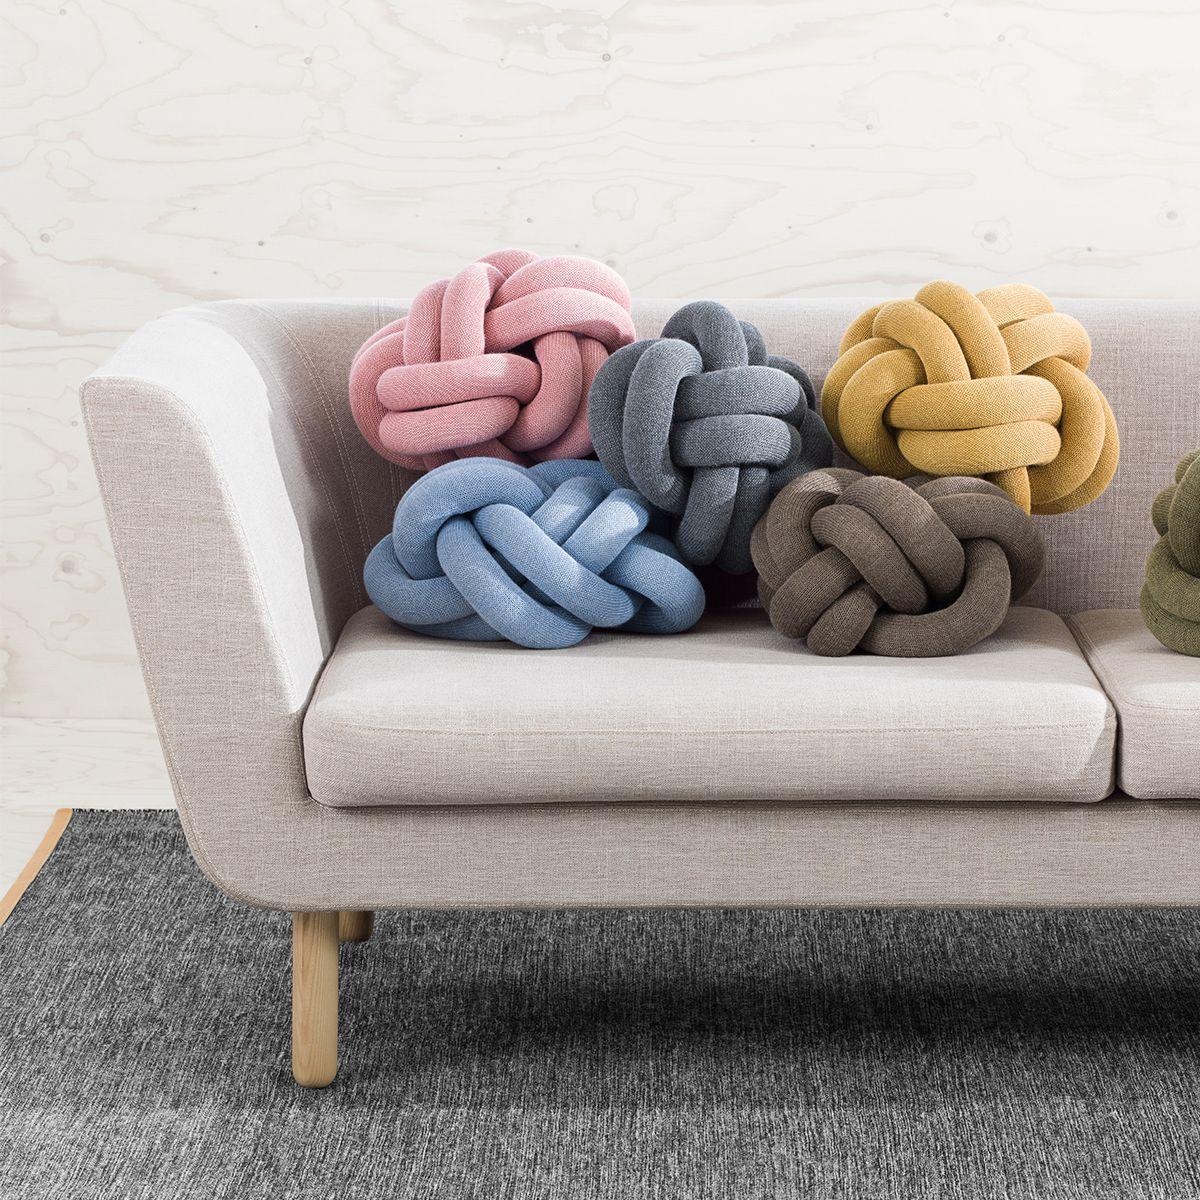 cojines knot sobre sofá nest